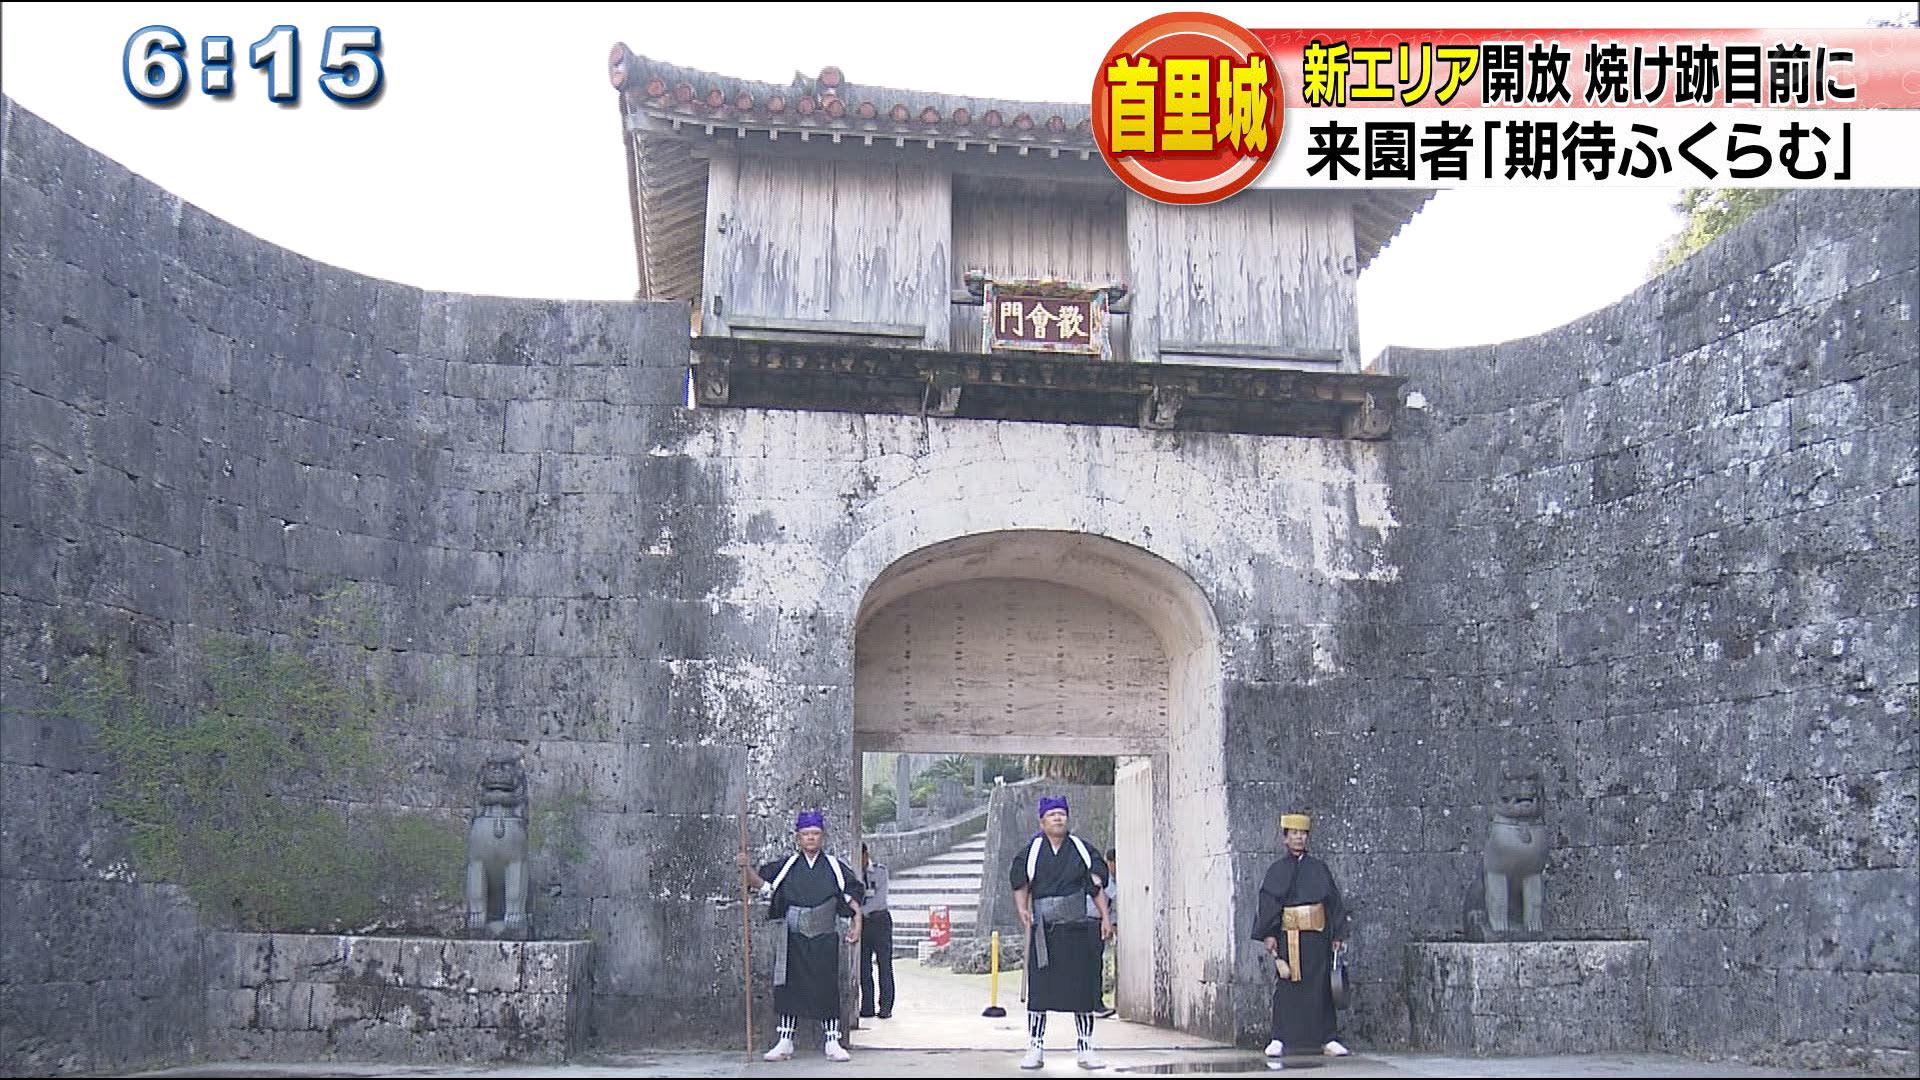 首里城の開門を告げる「御開門式」。火災の前まで奉神門の前で行われていましたが火事のため12日は歓会門の前で行われました。